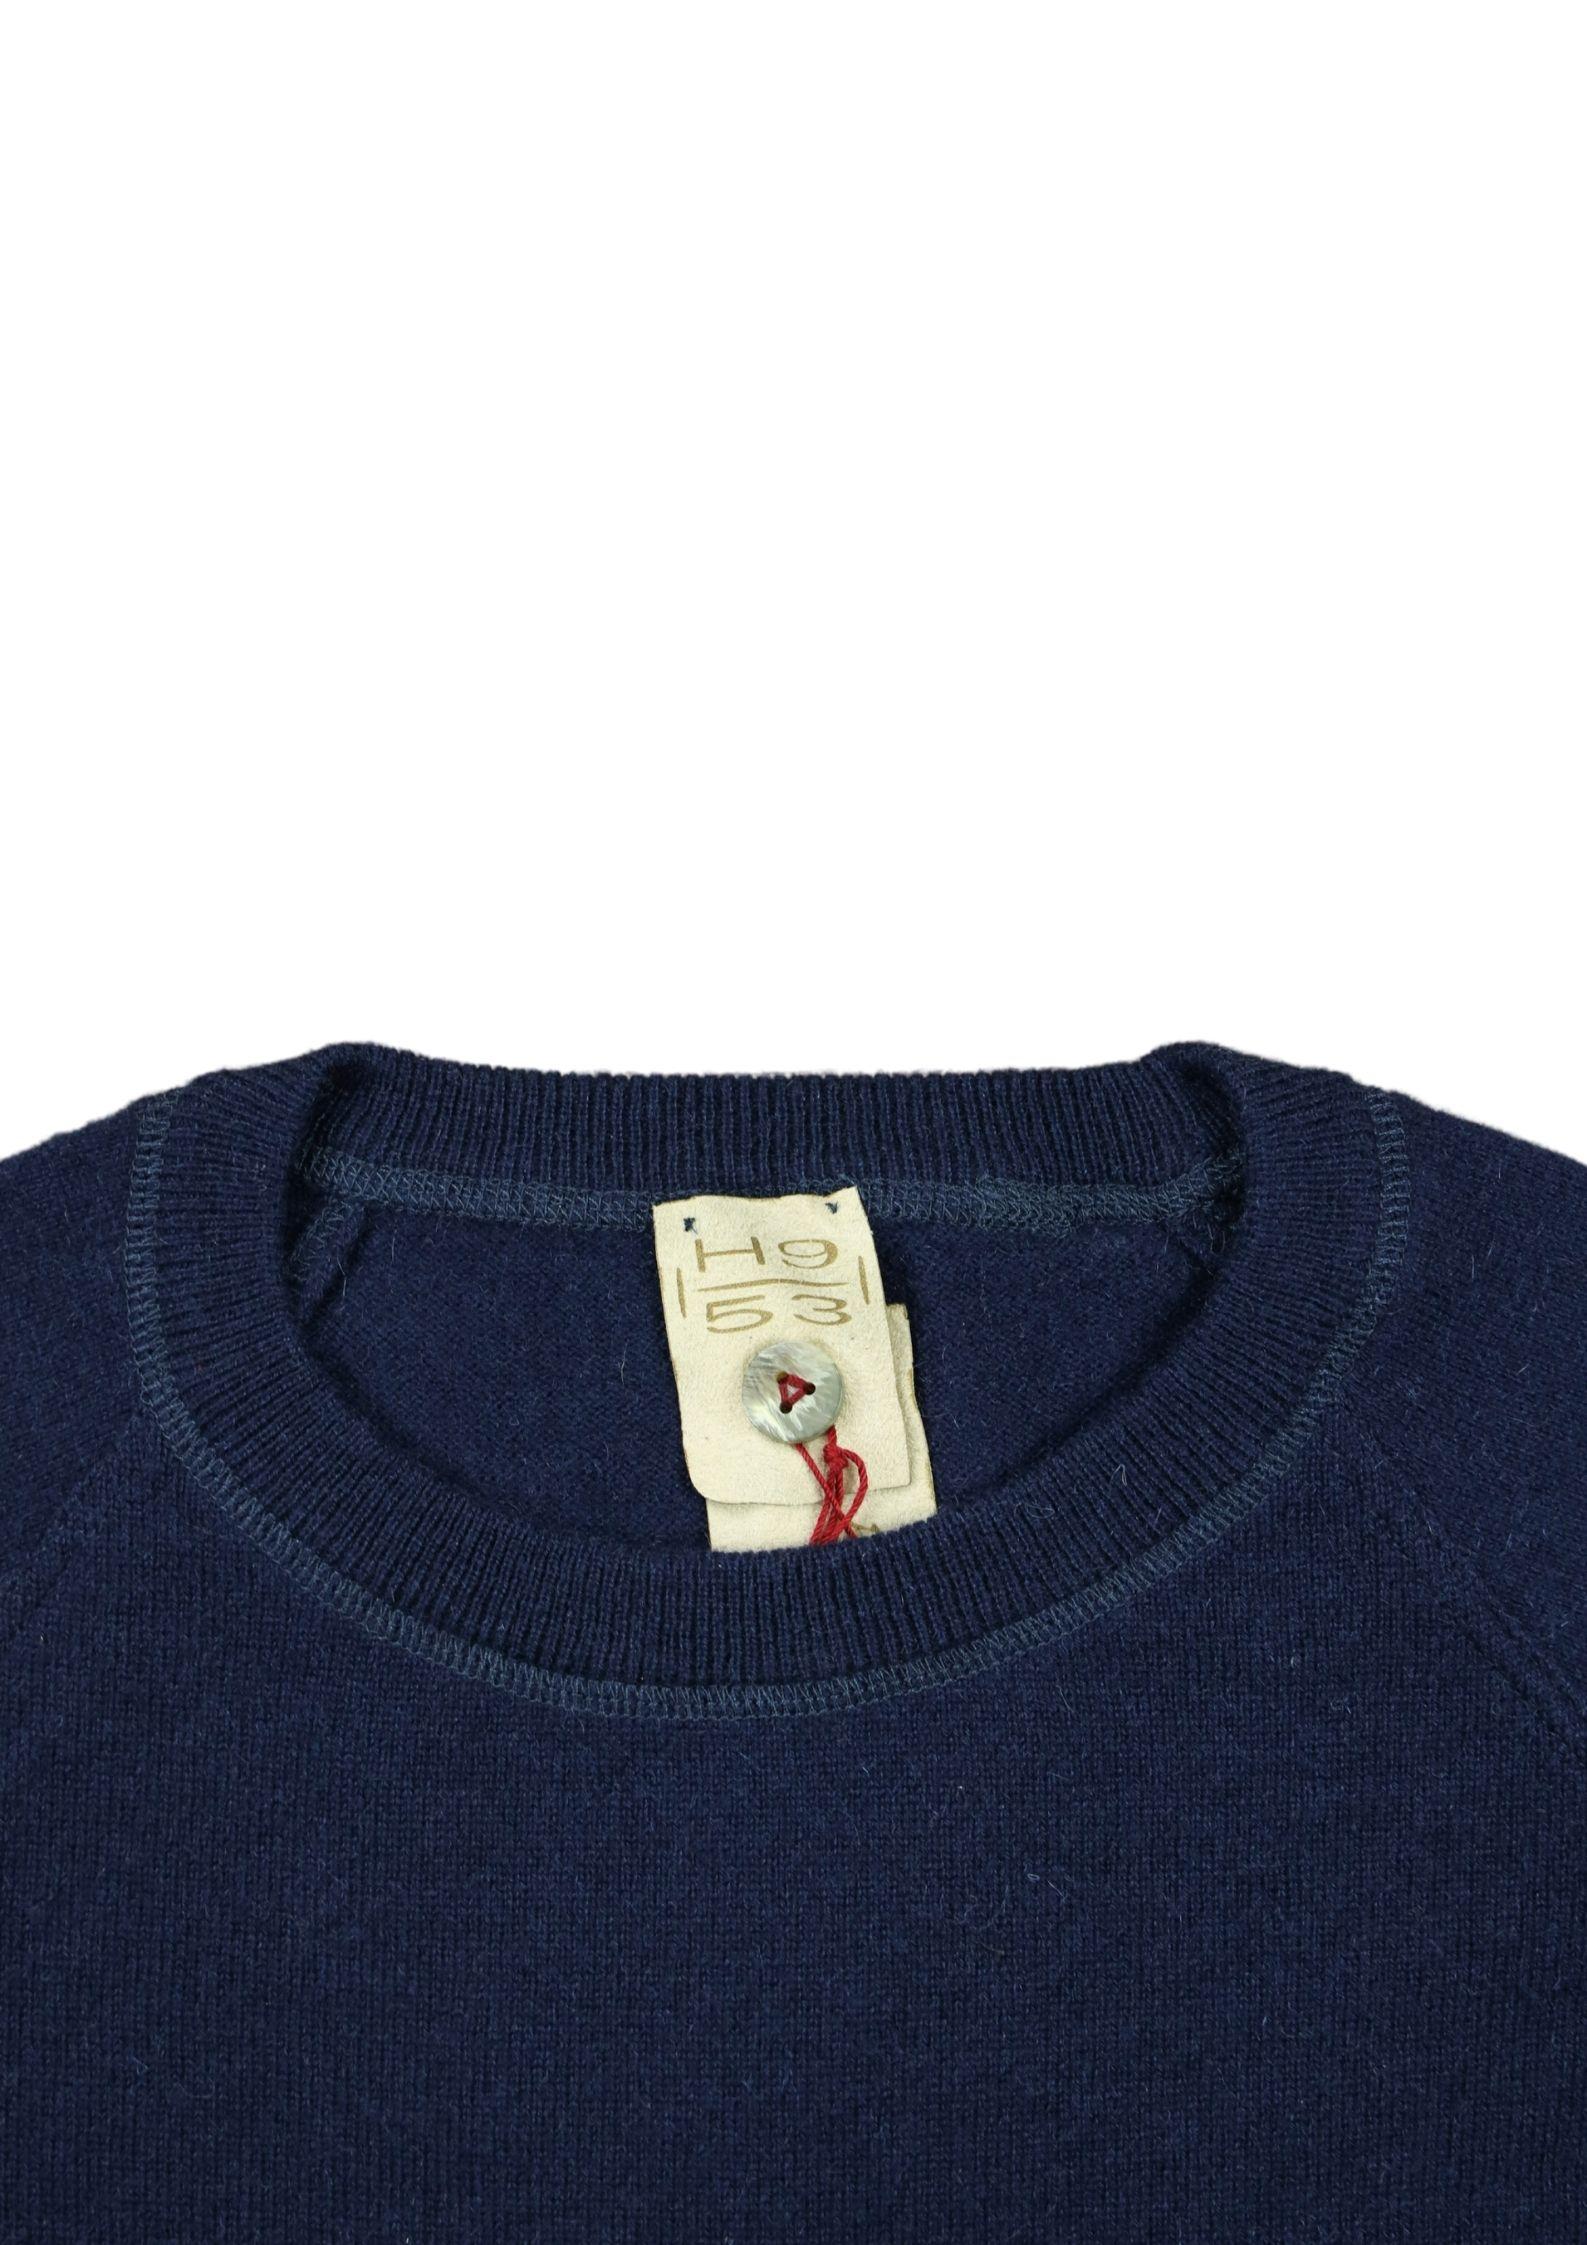 Pullover in cashmere modello felpa H953 | Maglieria | 299690